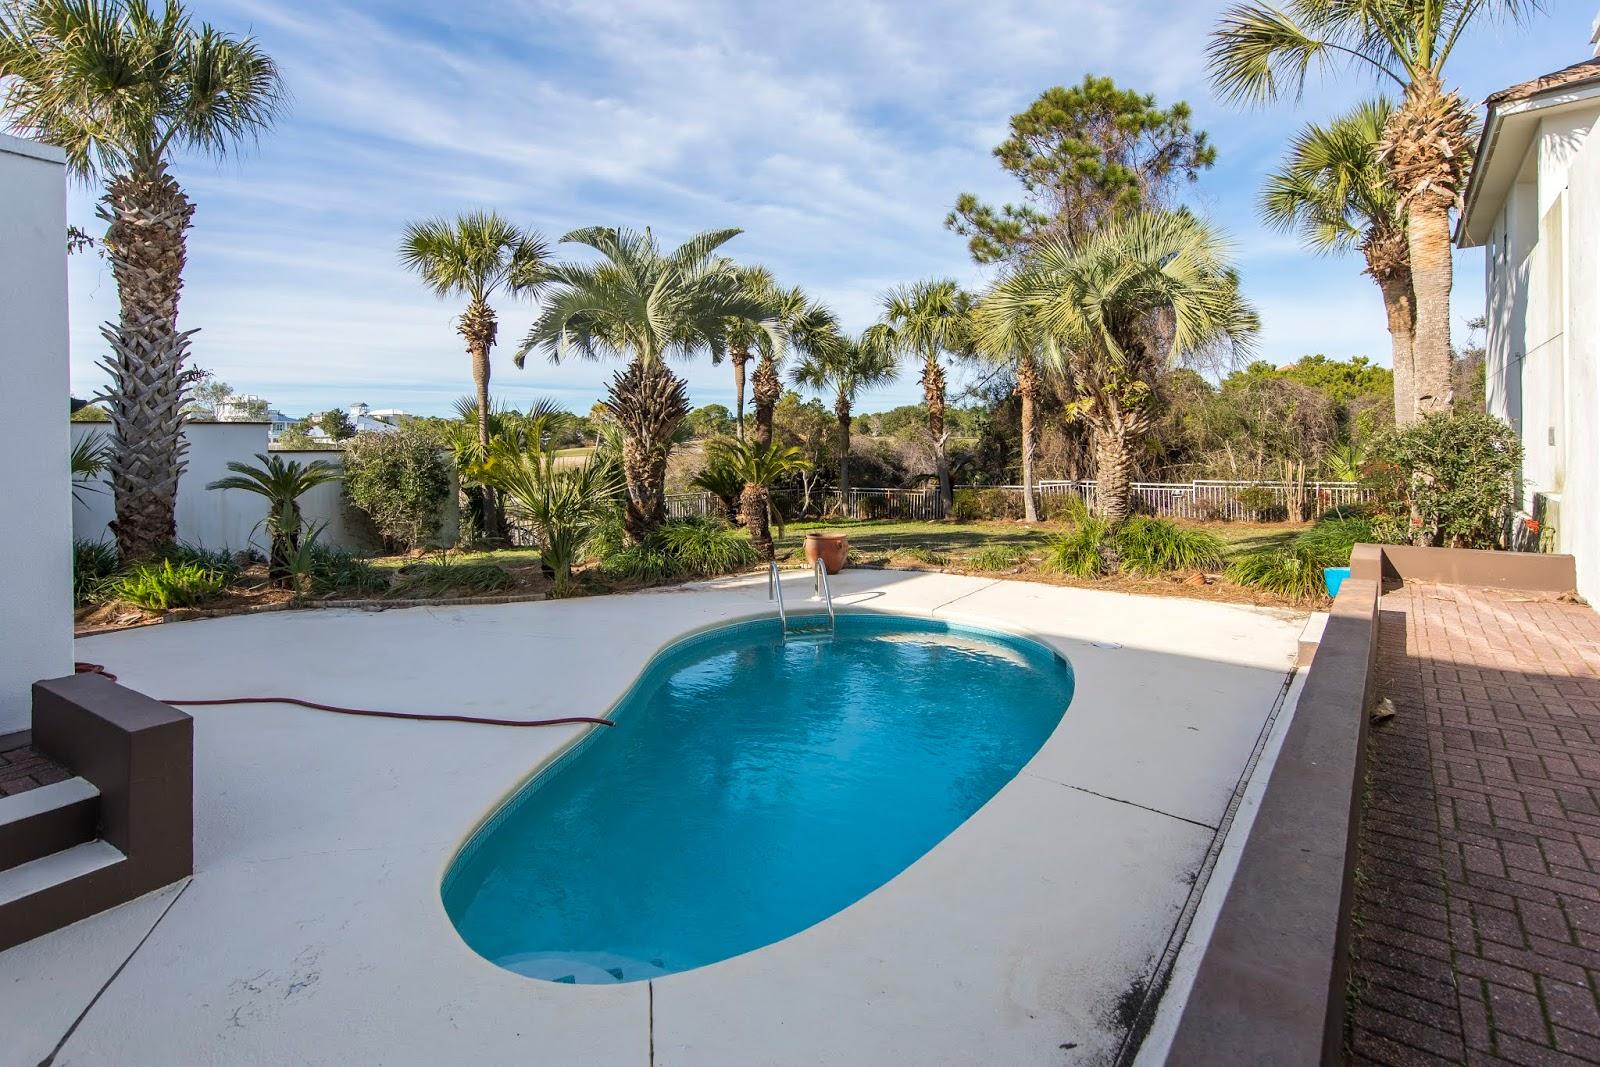 Northwest Florida Real Estate Agent Real Estate Agent